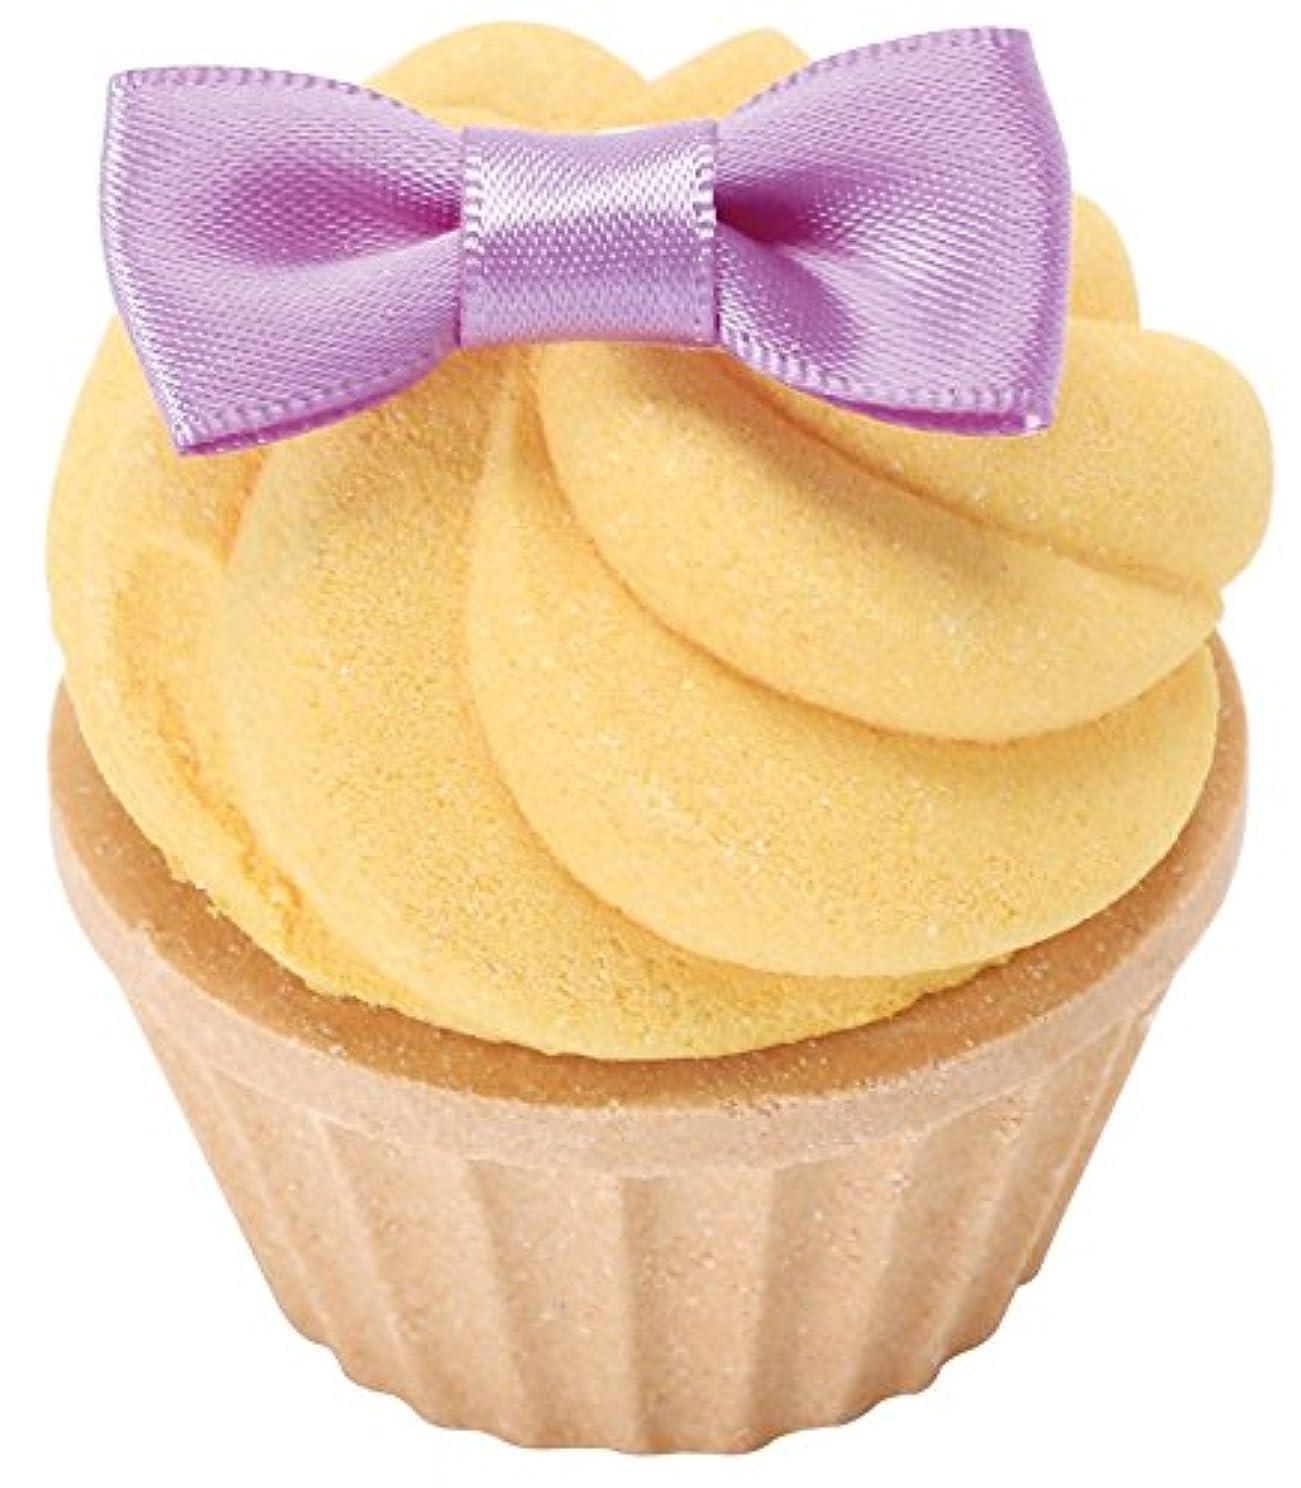 局ライナーオッズノルコーポレーション お風呂用 芳香剤 おめかしカップケーキフィズ 60g フルーツサワーの香り OB-SMM-14-3